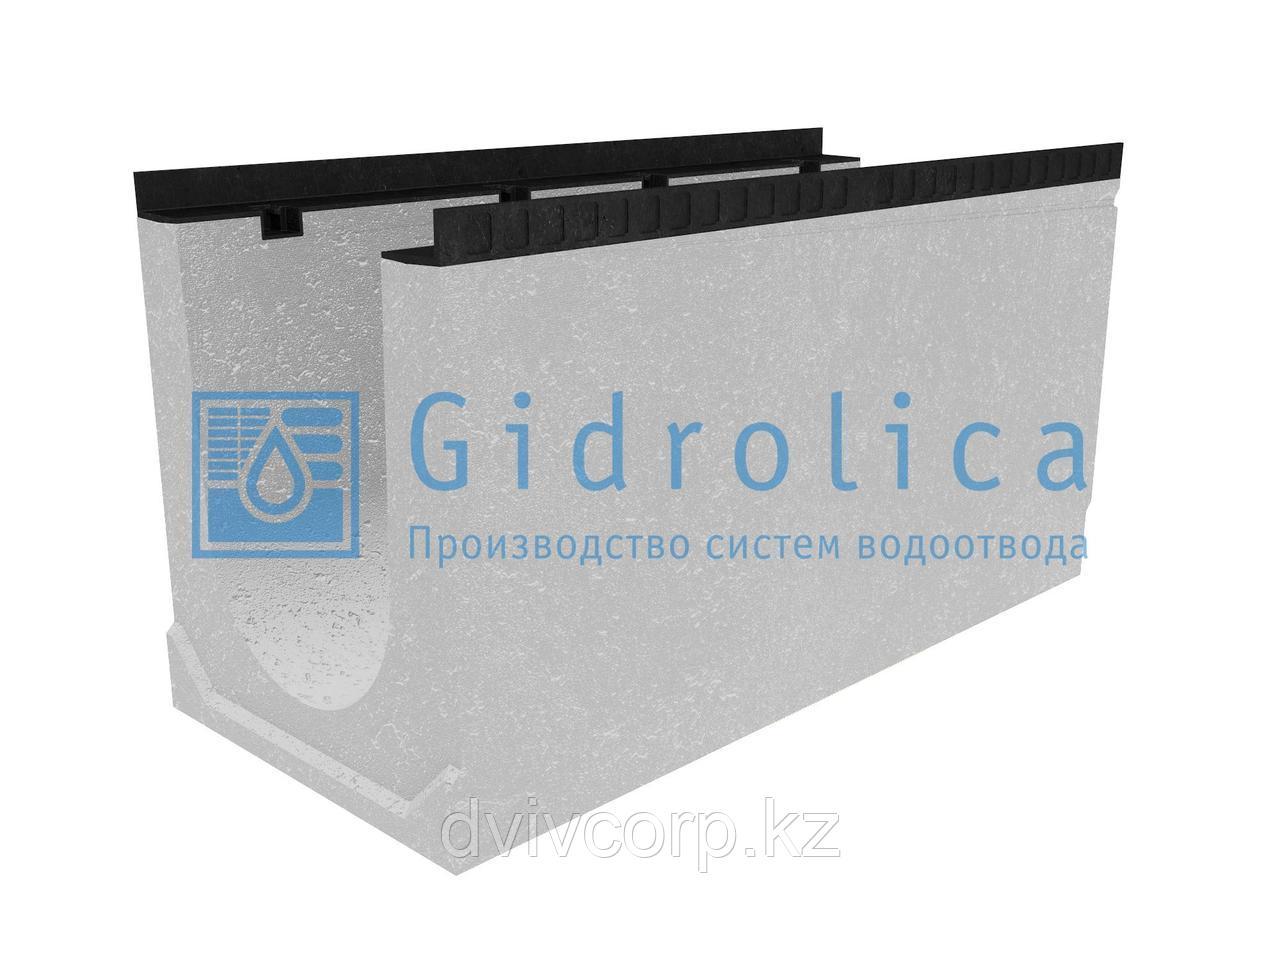 Лоток водоотводный бетонный коробчатый (СО-300мм), с уклоном 0,5%  КUу 100.44(30).52,5(45,5) - BGМ, № 15